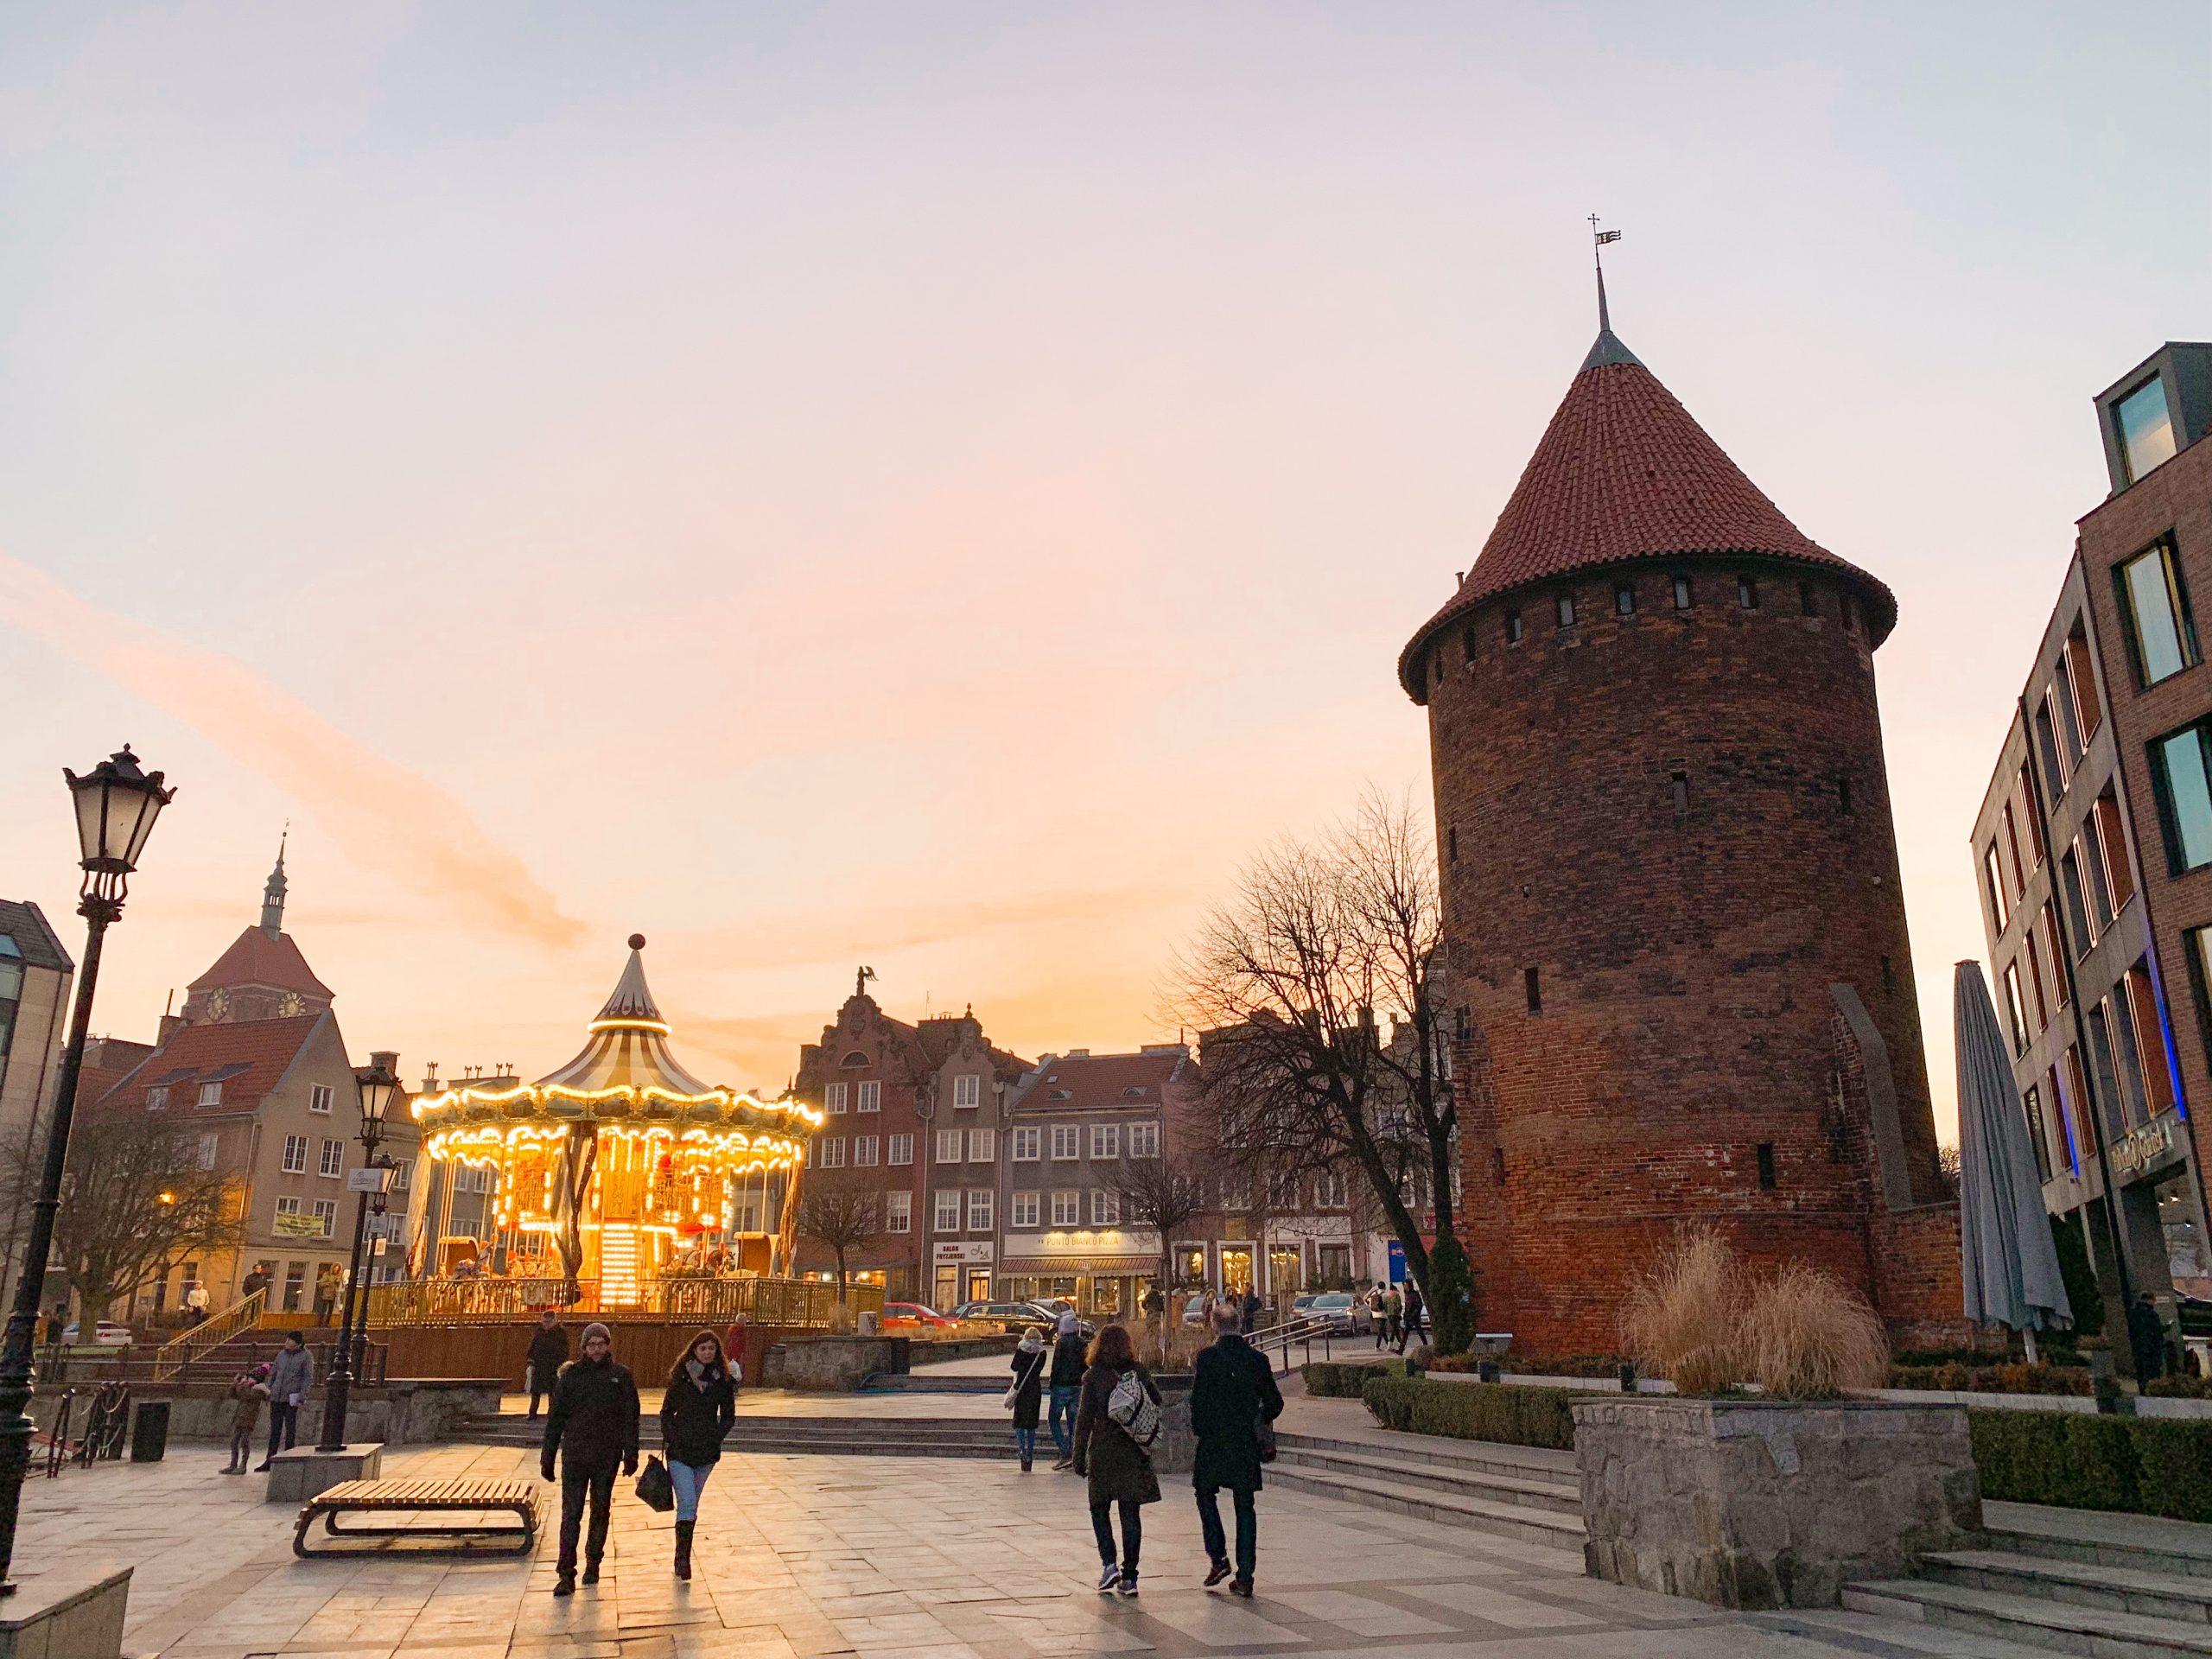 Polônia, Gdansk, guia de viagem, Westerplatte, viagem, leste europeu, solidariedade, segunda guerra mundial